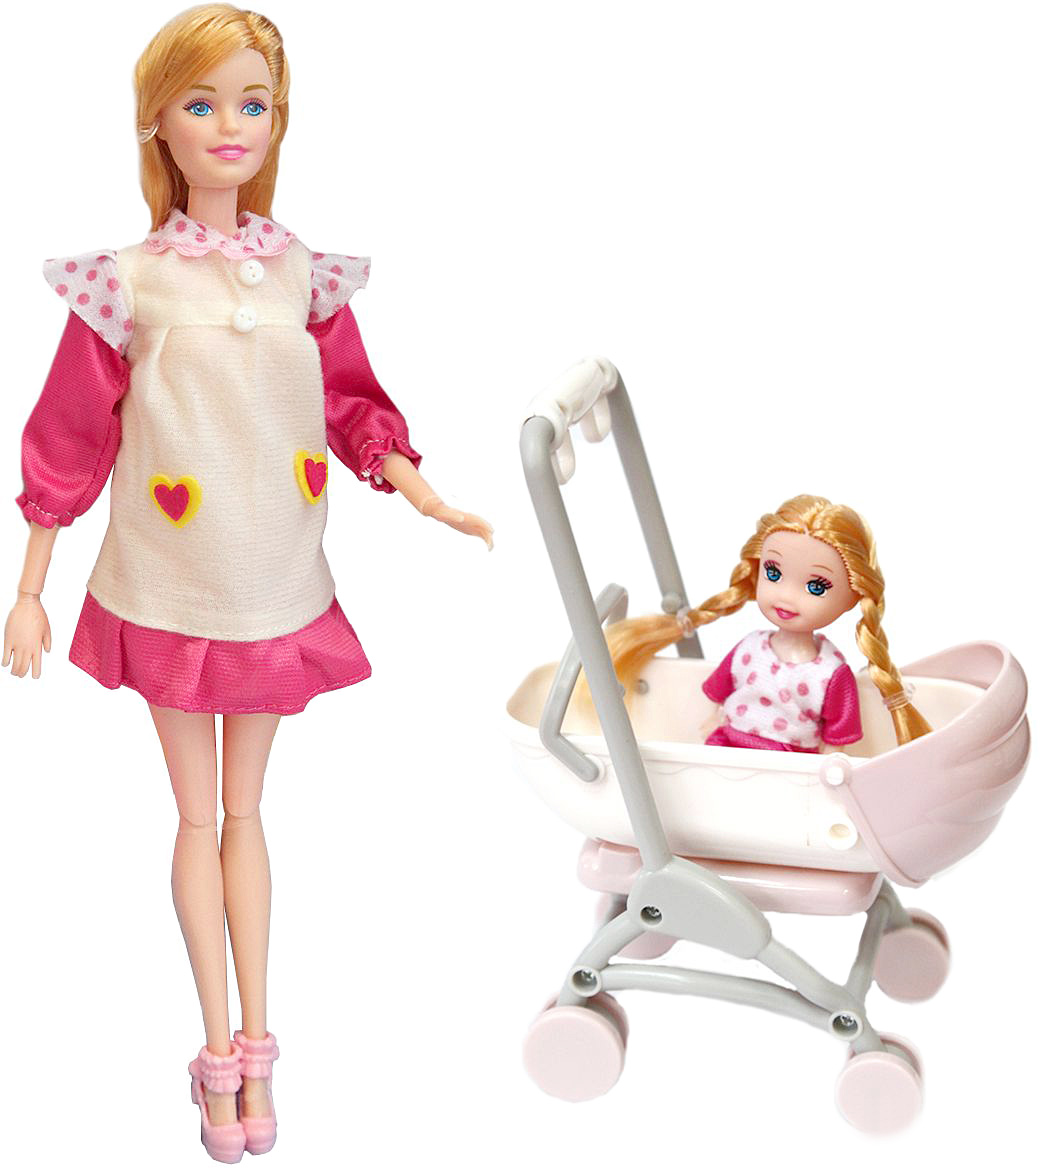 s s toys игровой набор дартс с дротиками 200003538 S+S Toys Игровой набор с куклой 1006281